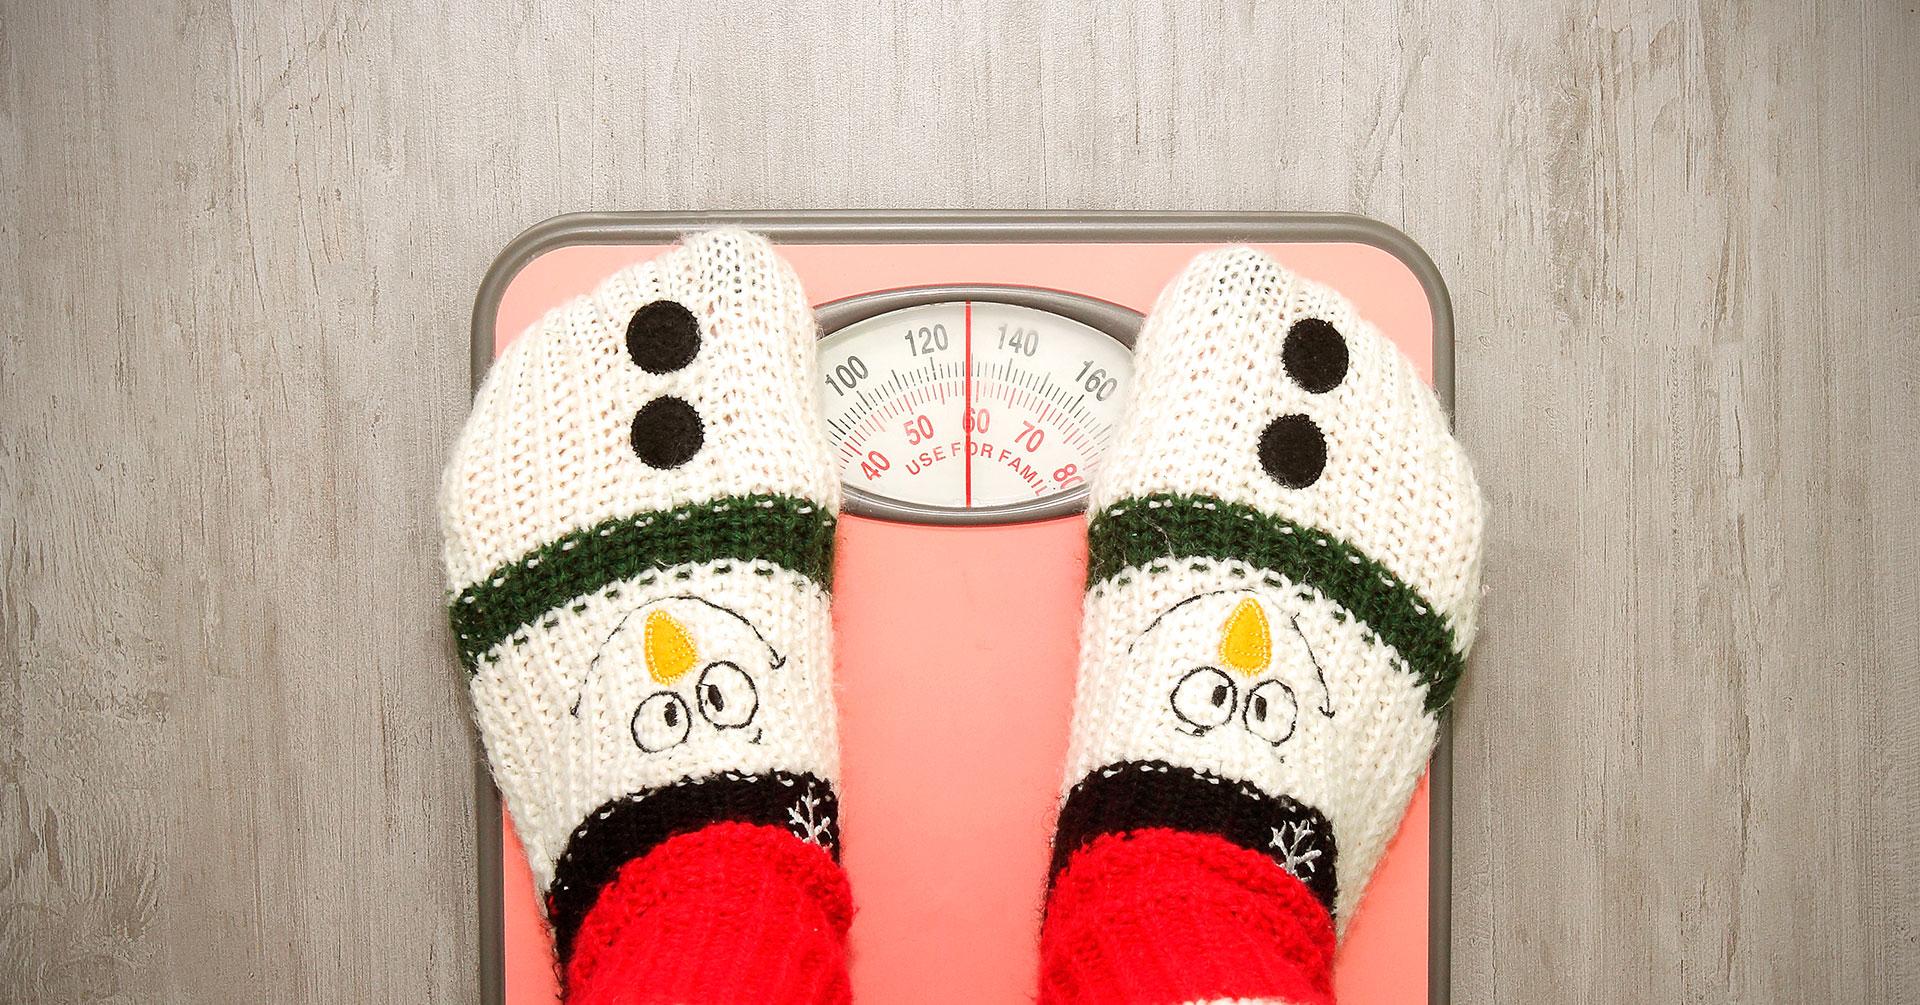 Descubre cómo cuidar tu salud y evitar subir de peso en Navidad